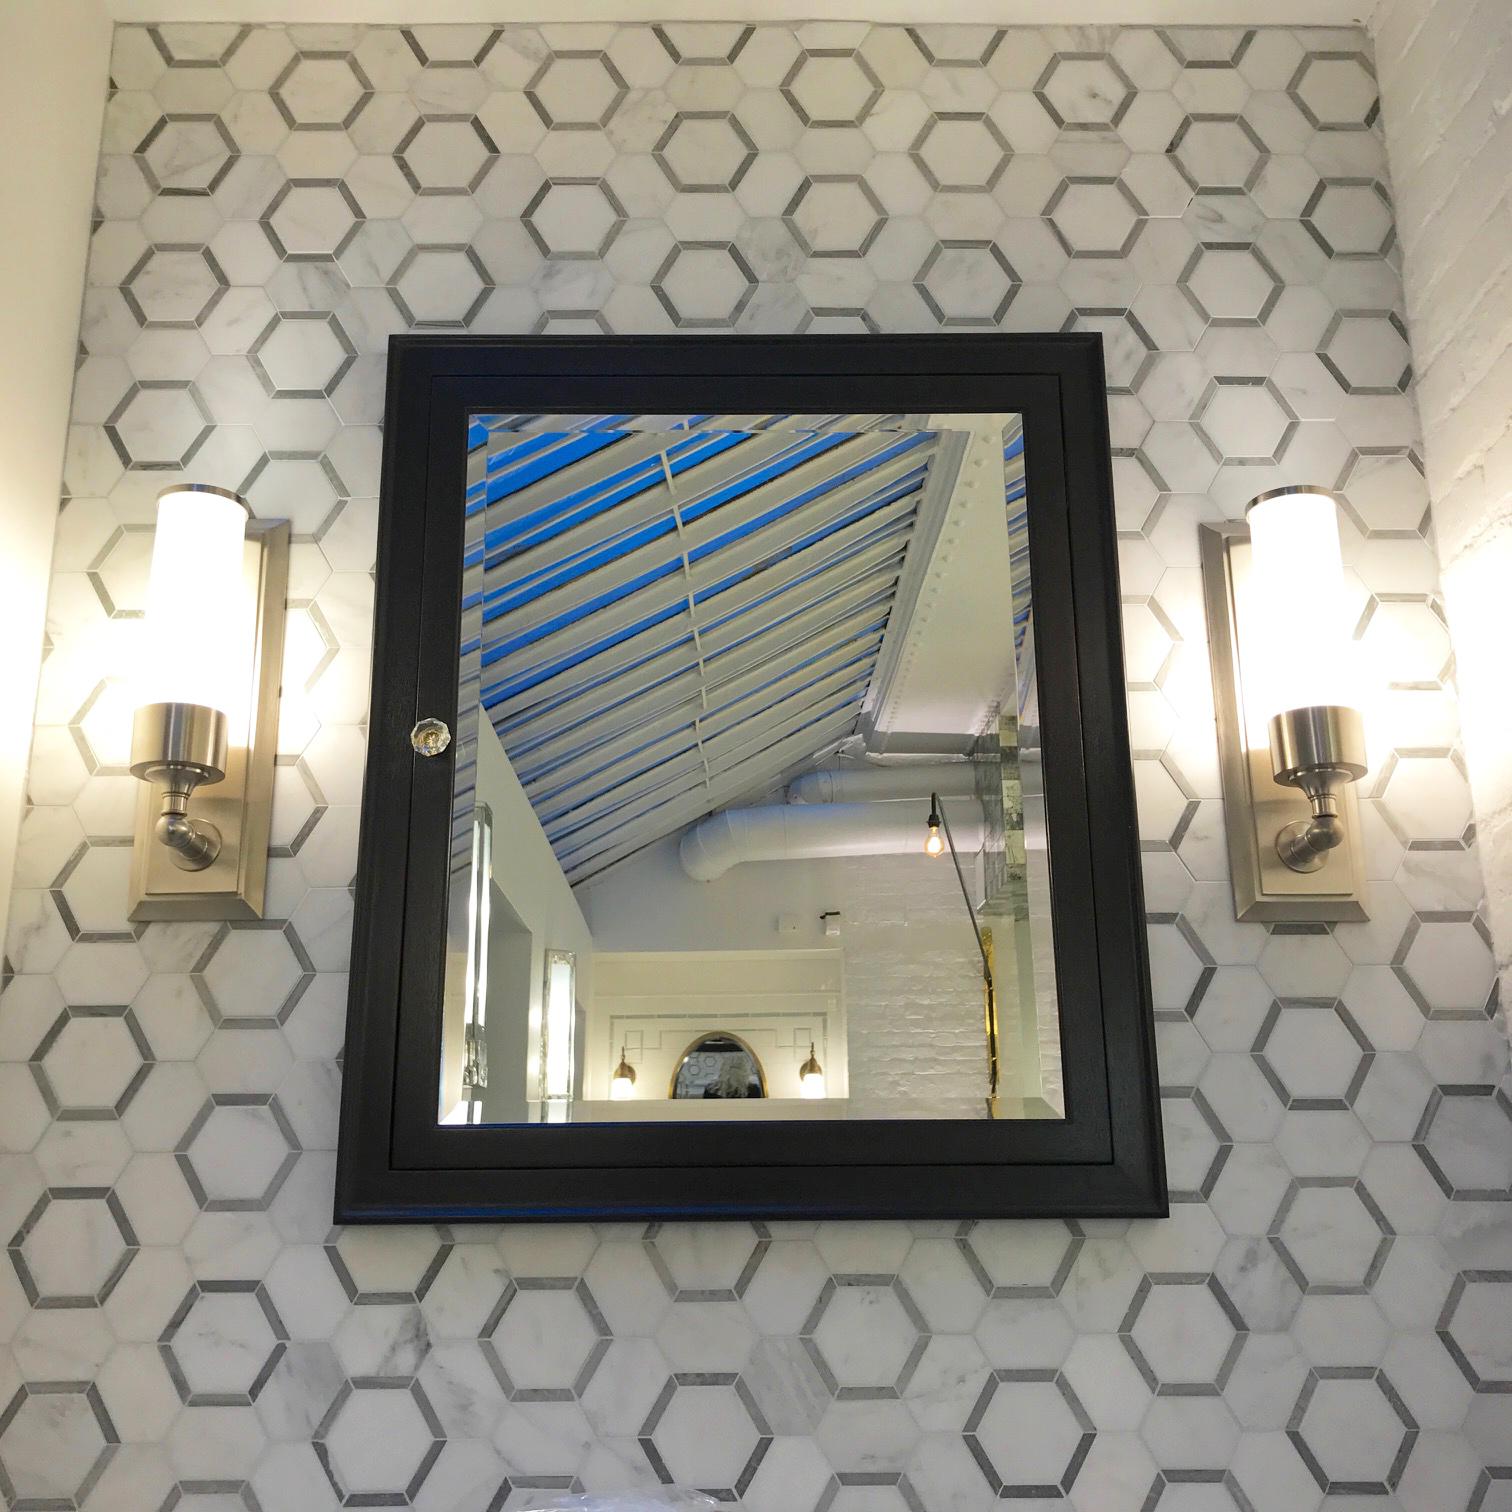 Honeycomb Hexagon 1. White Statuary Calacatta with Blue Stratta